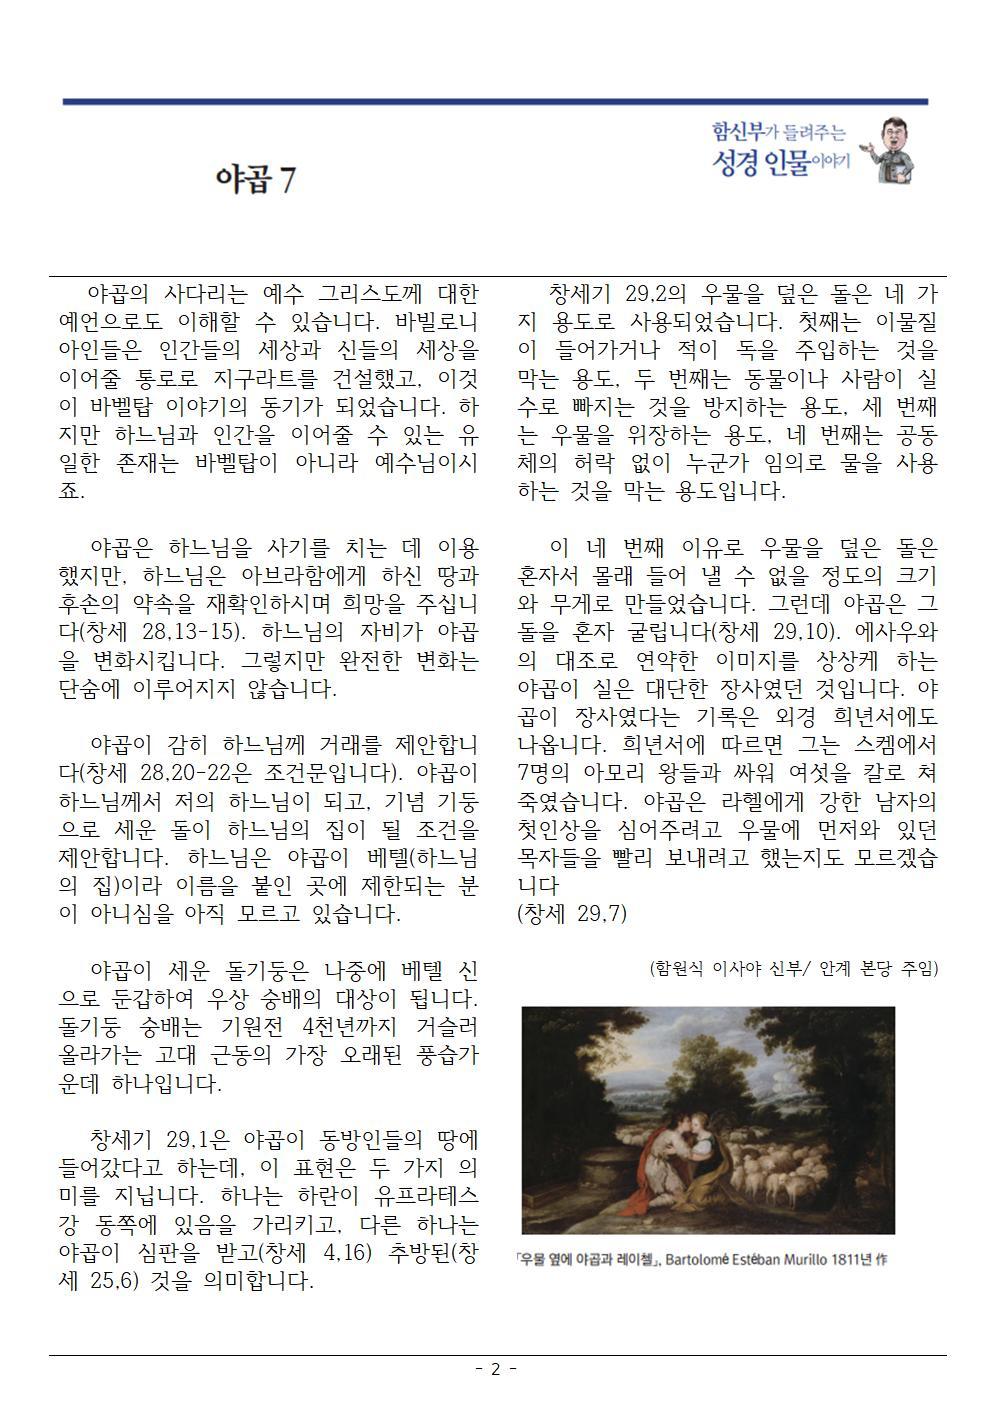 201213 대림3주(1)002.jpg